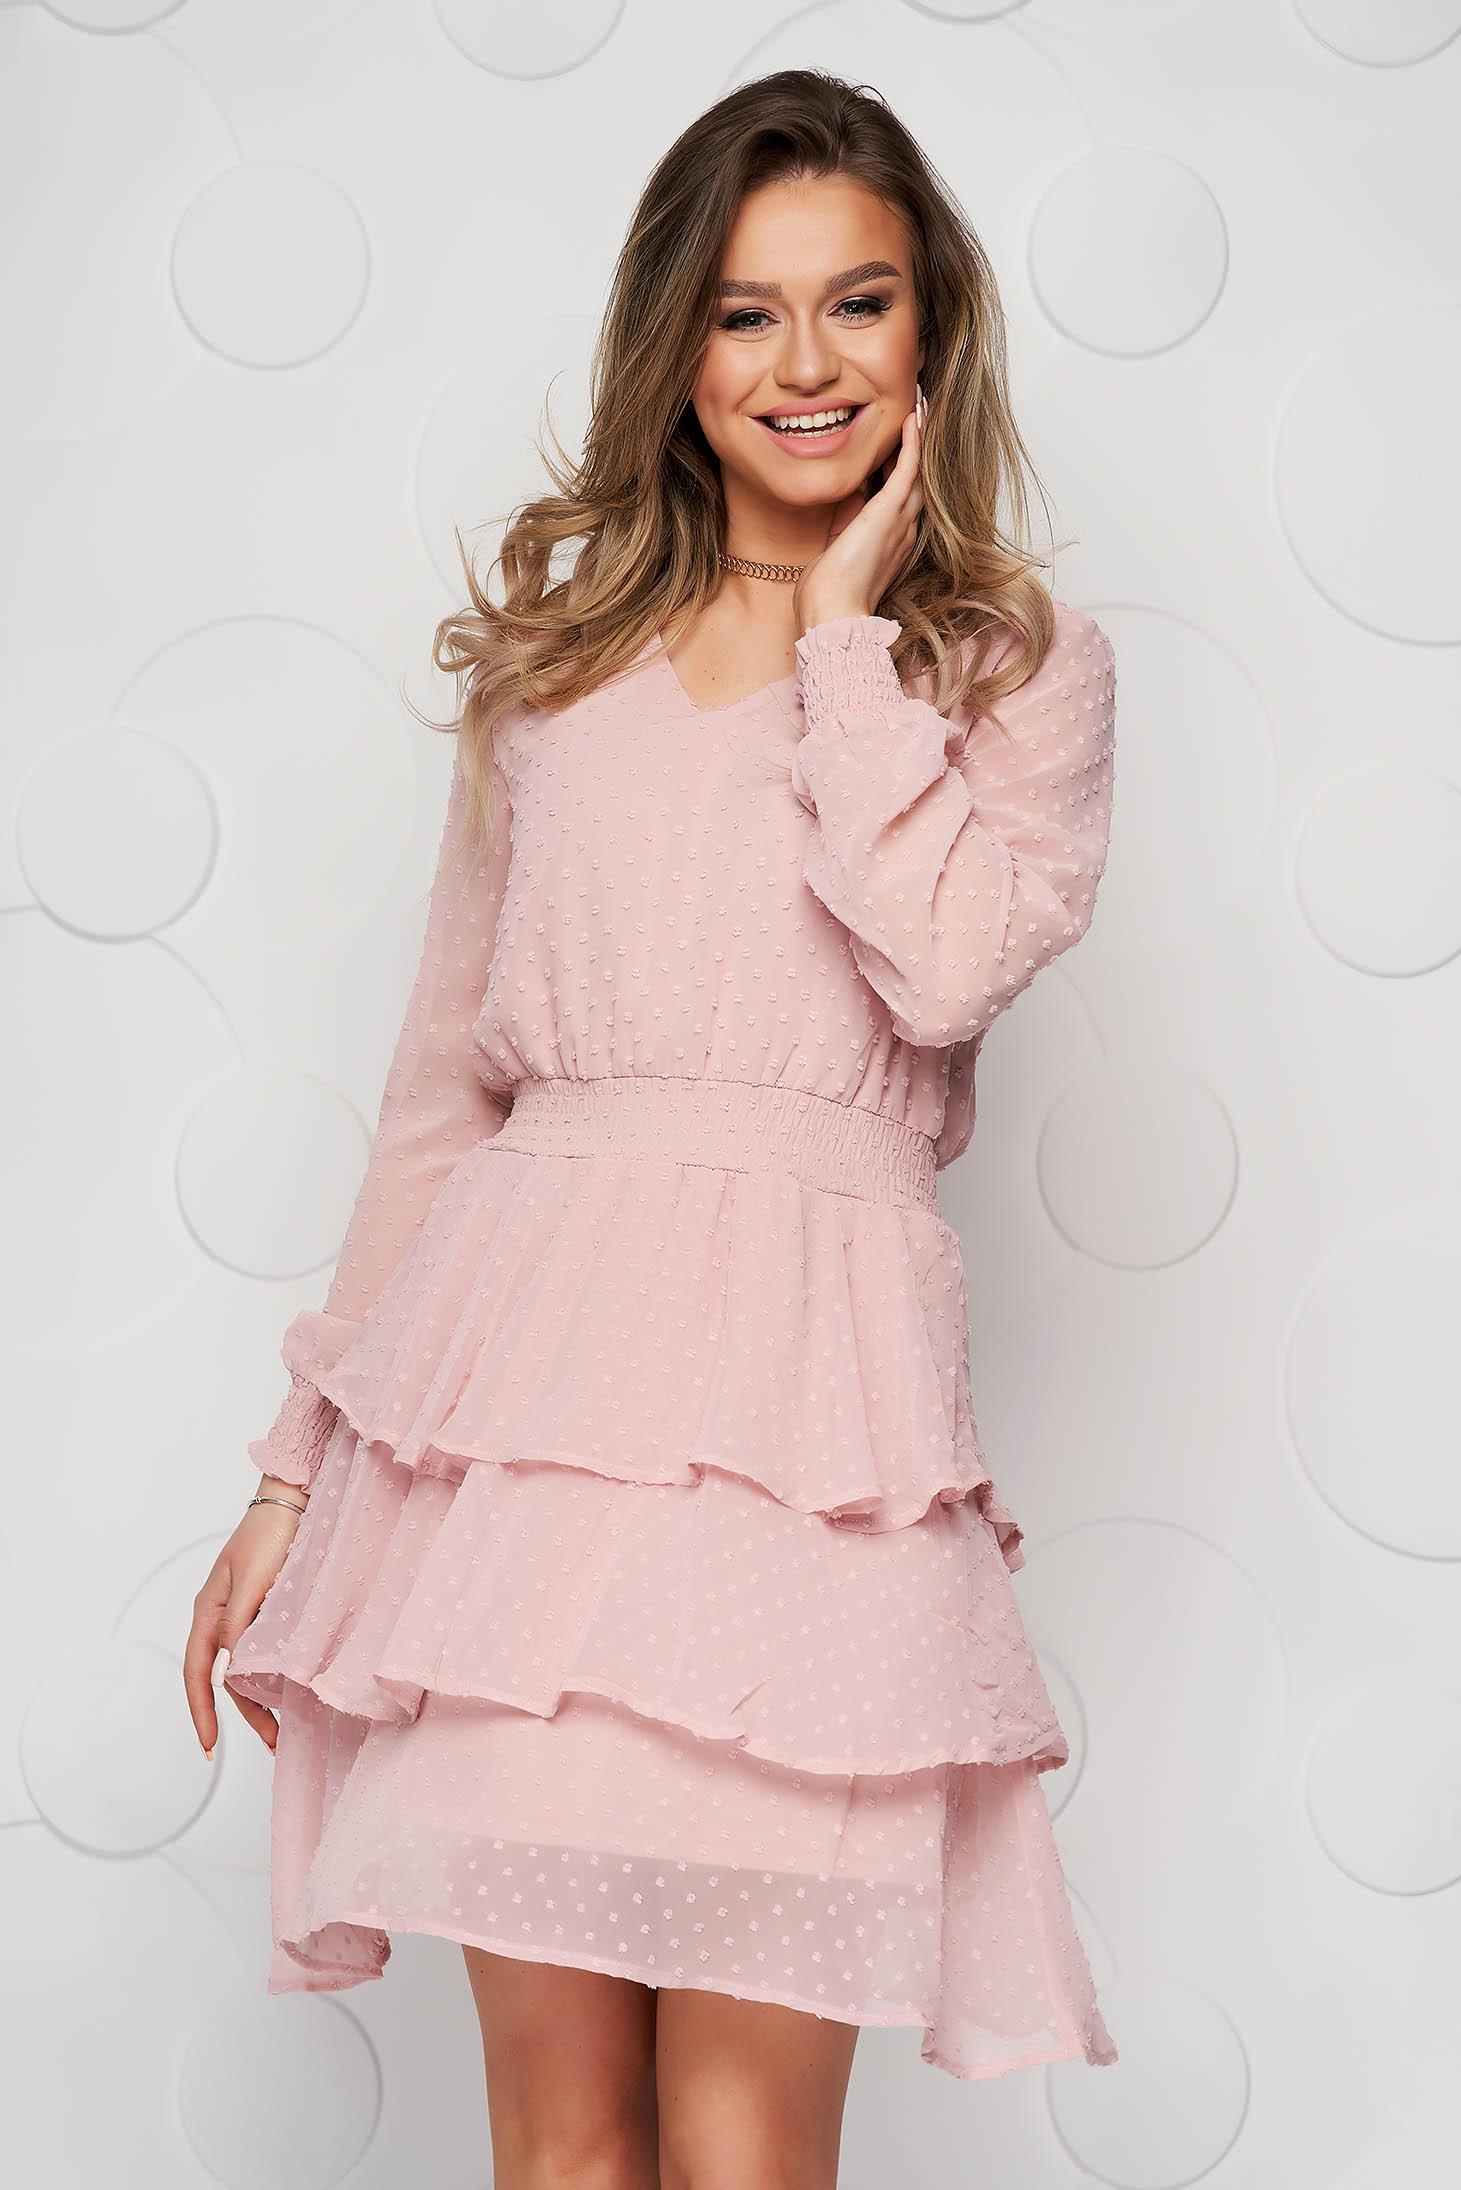 Rochie Top Secret roz prafuit scurta in clos din voal cu aplicatii din plumeti si volanase